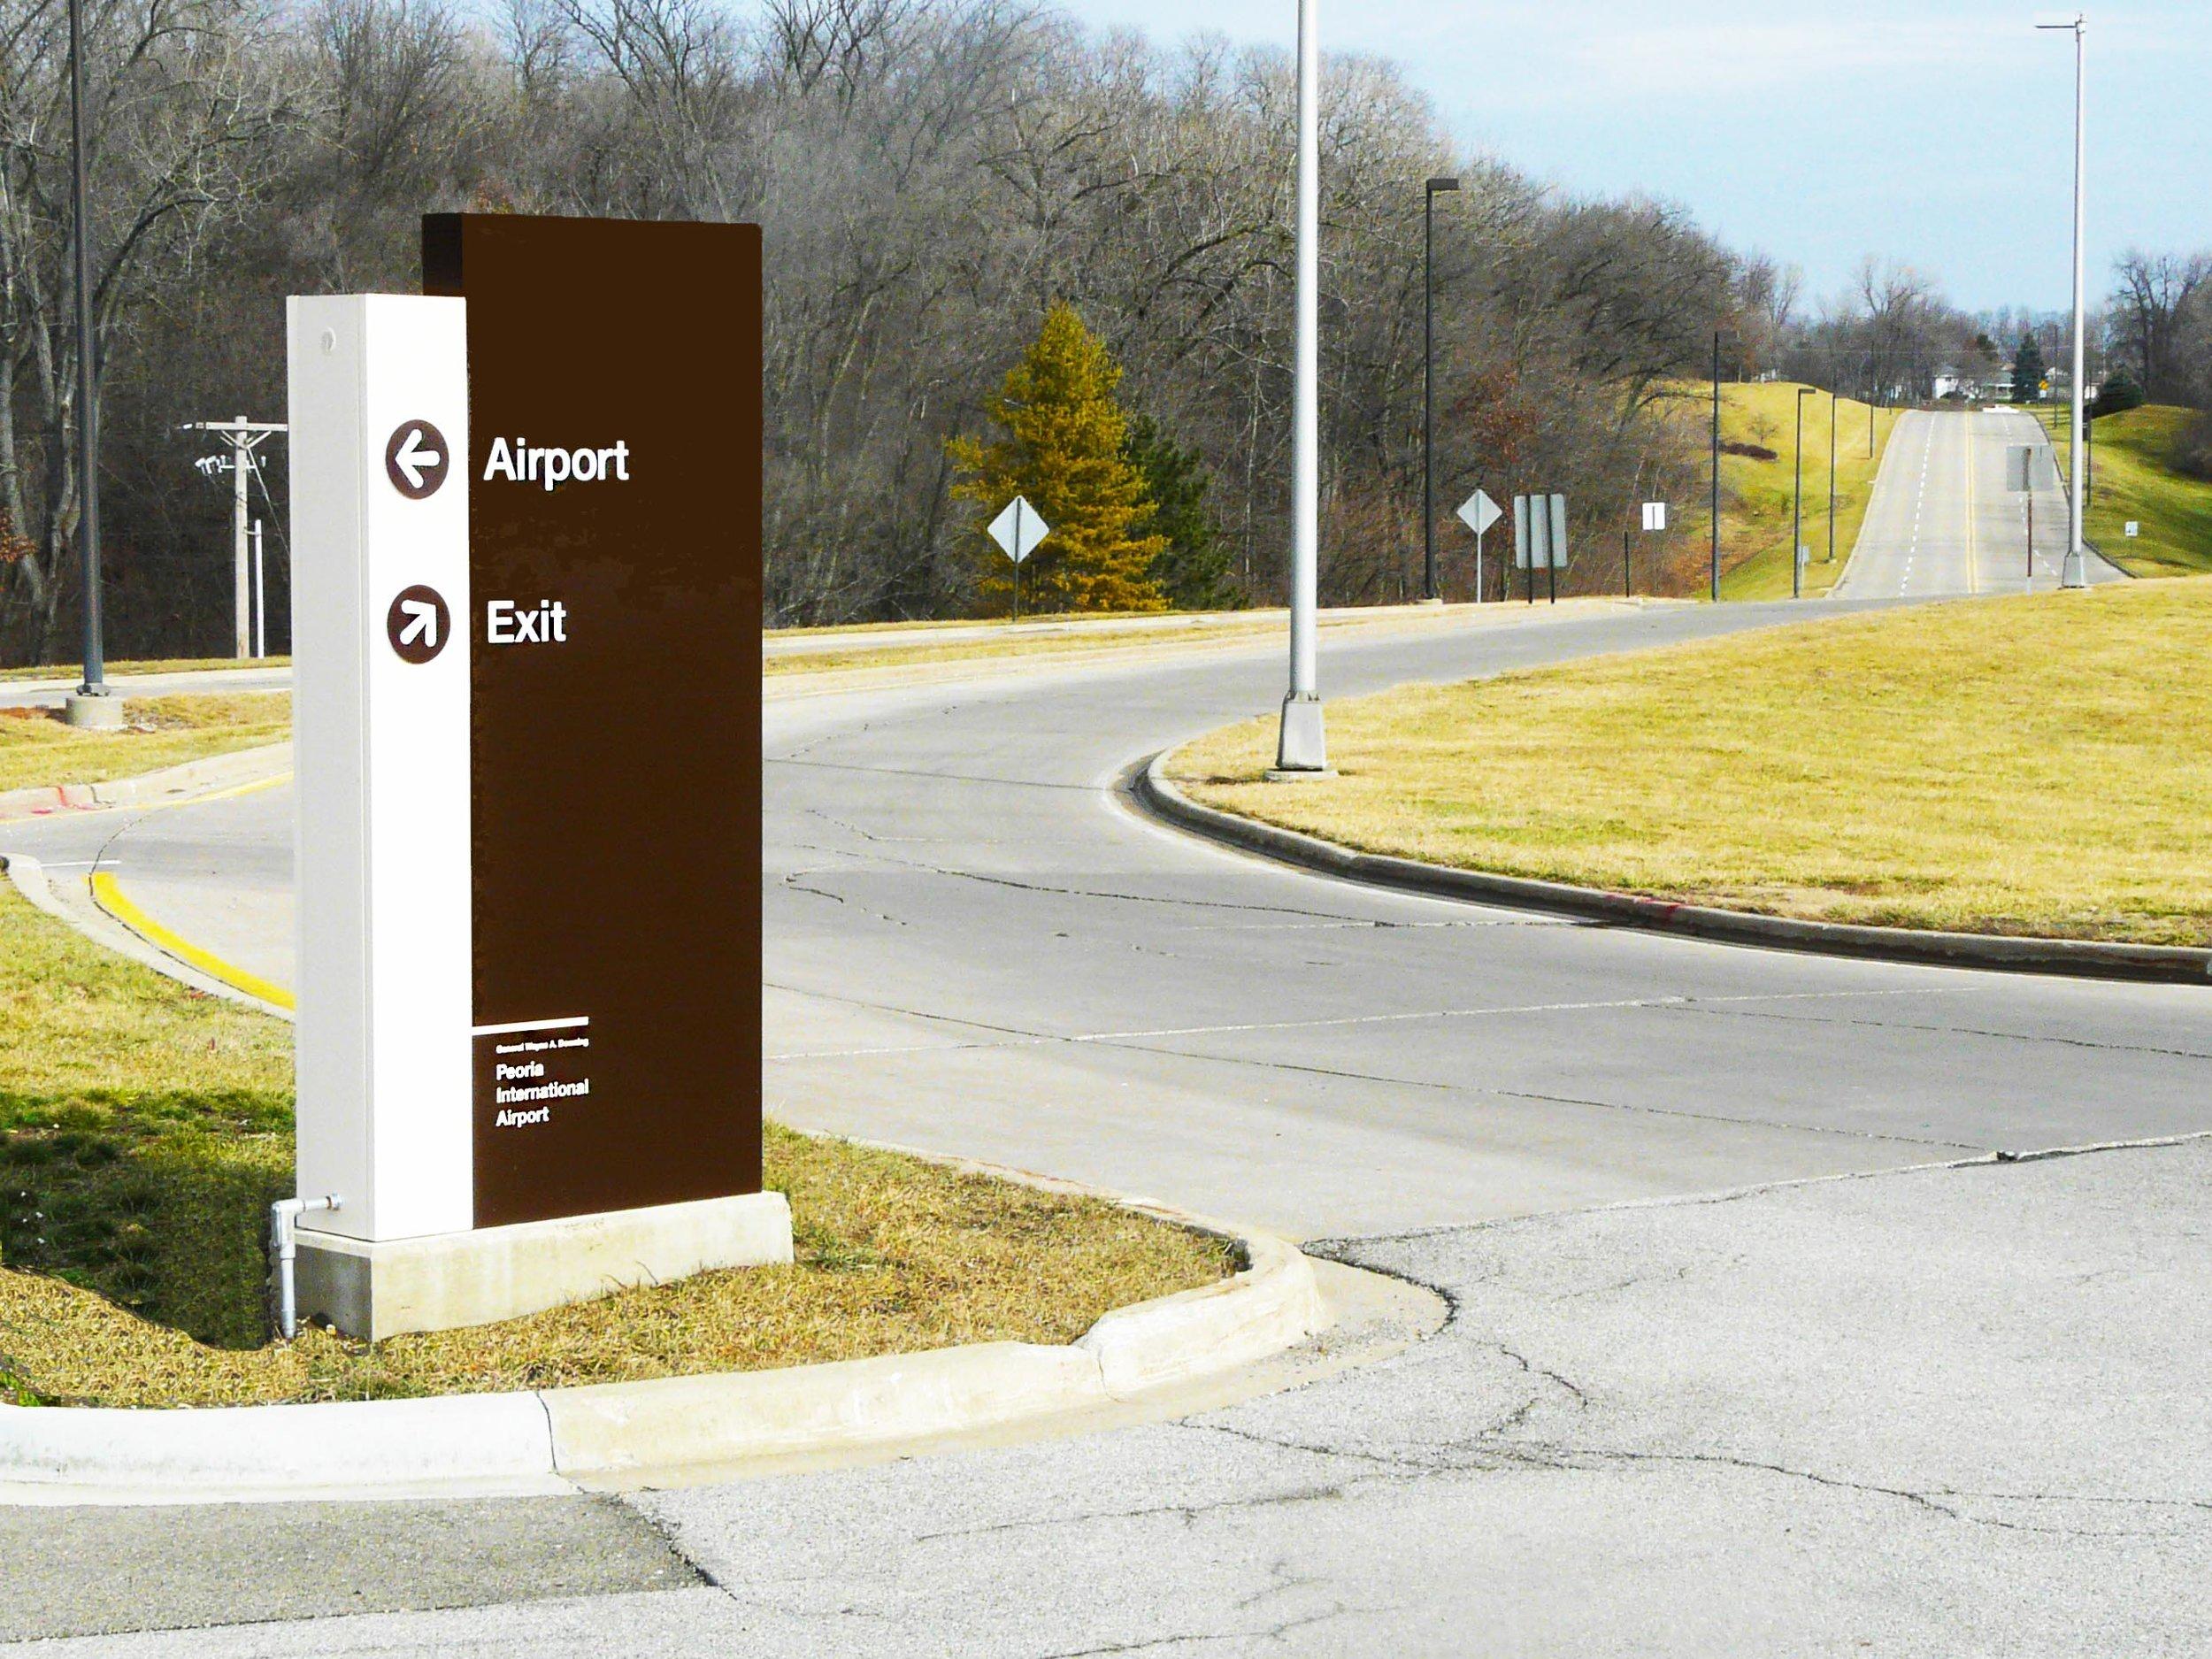 Airport Exterior Signage.jpg